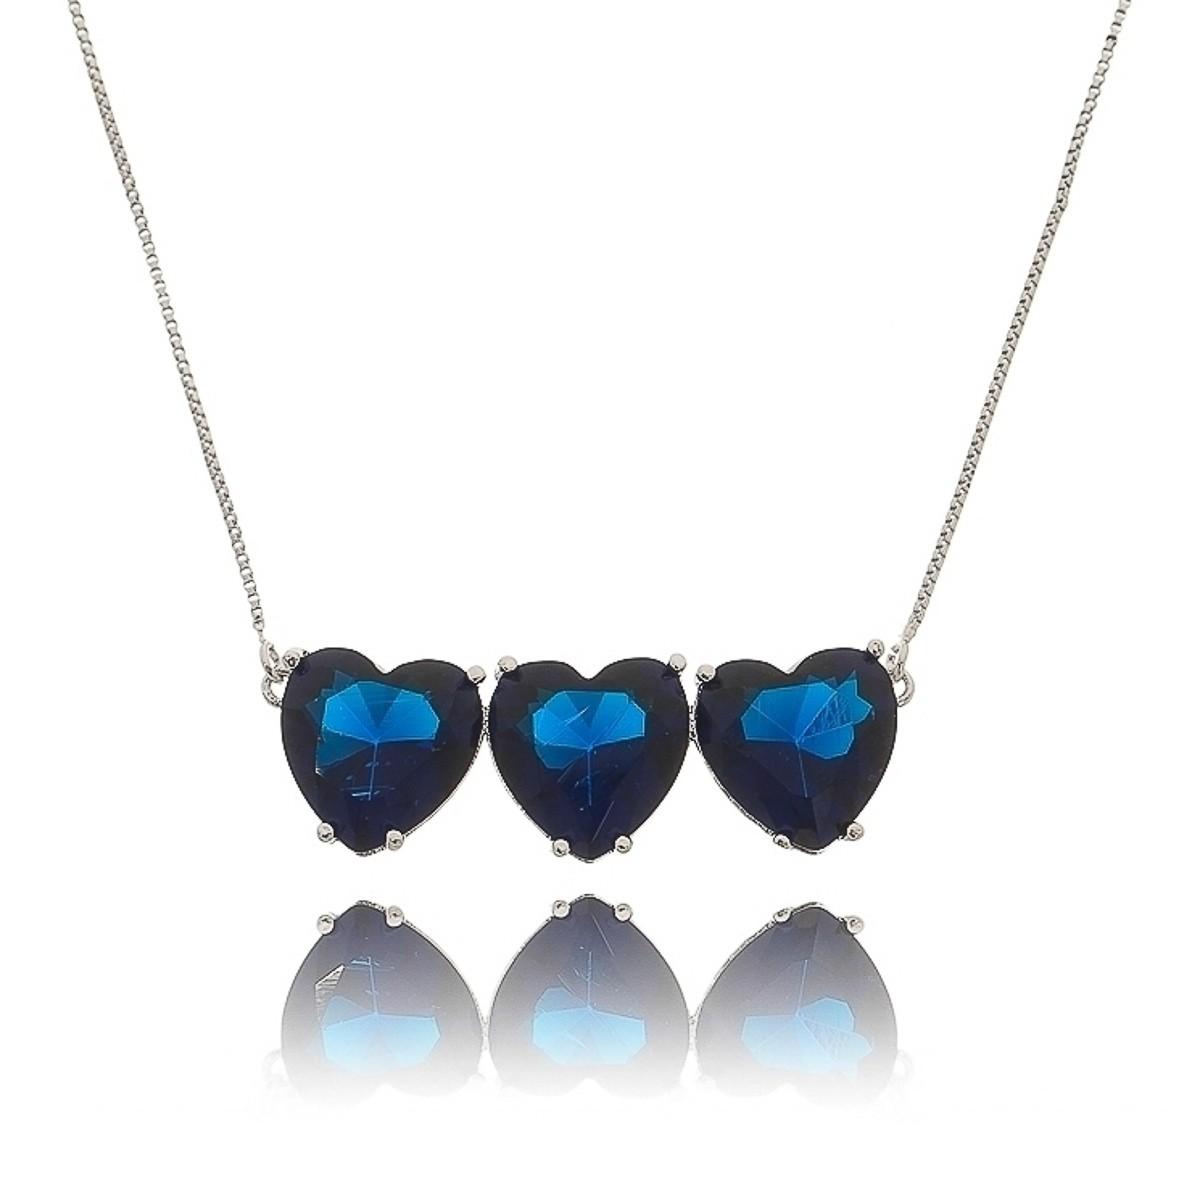 Colar Pingentes Coração Triplo Azul Safira Semijoia em Ródio Branco com Zircônia  - SOLOYOU